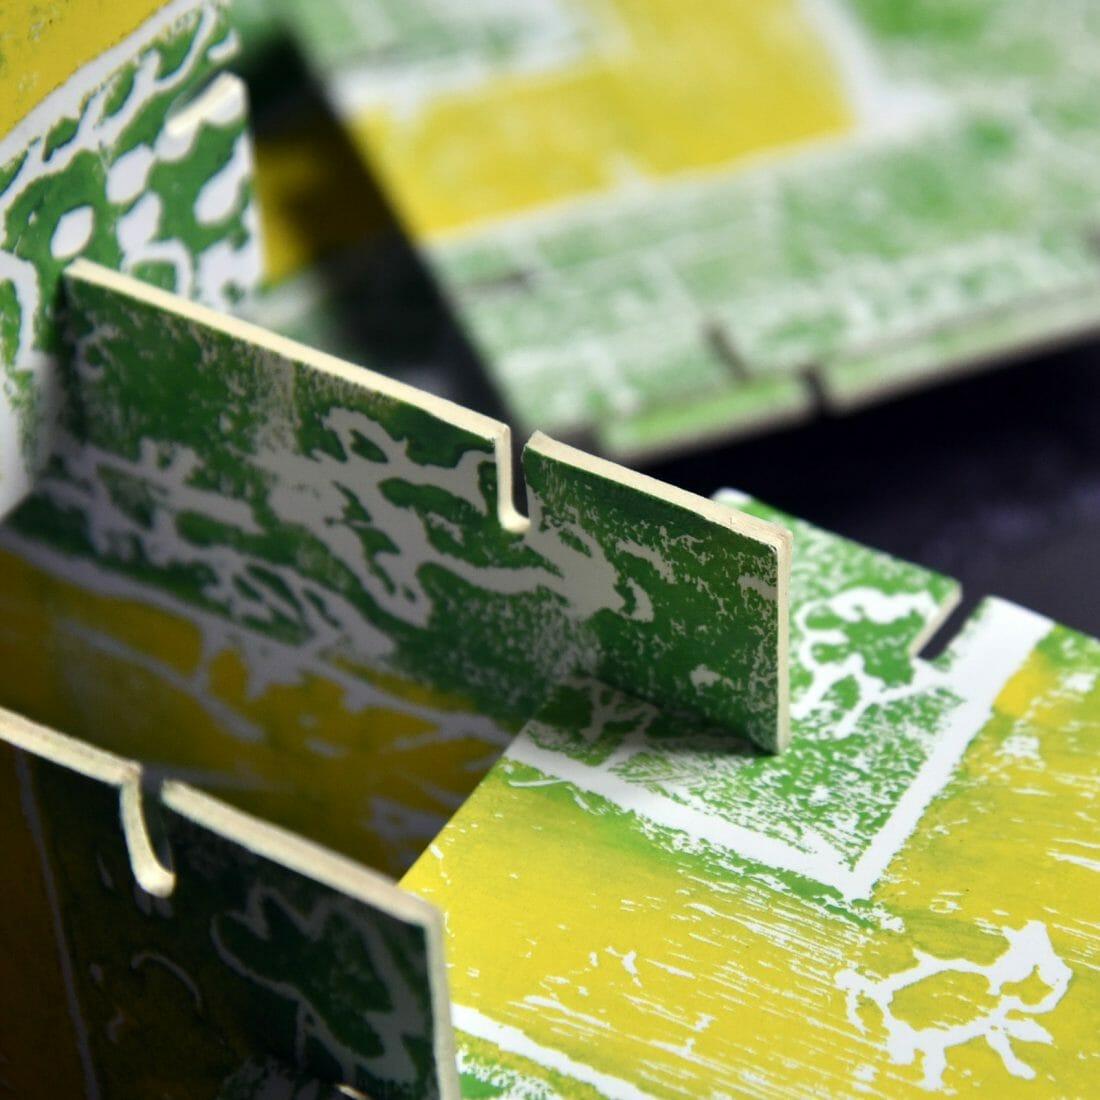 CasaOz e il gioco in cartone progettato con la GAM di Torino